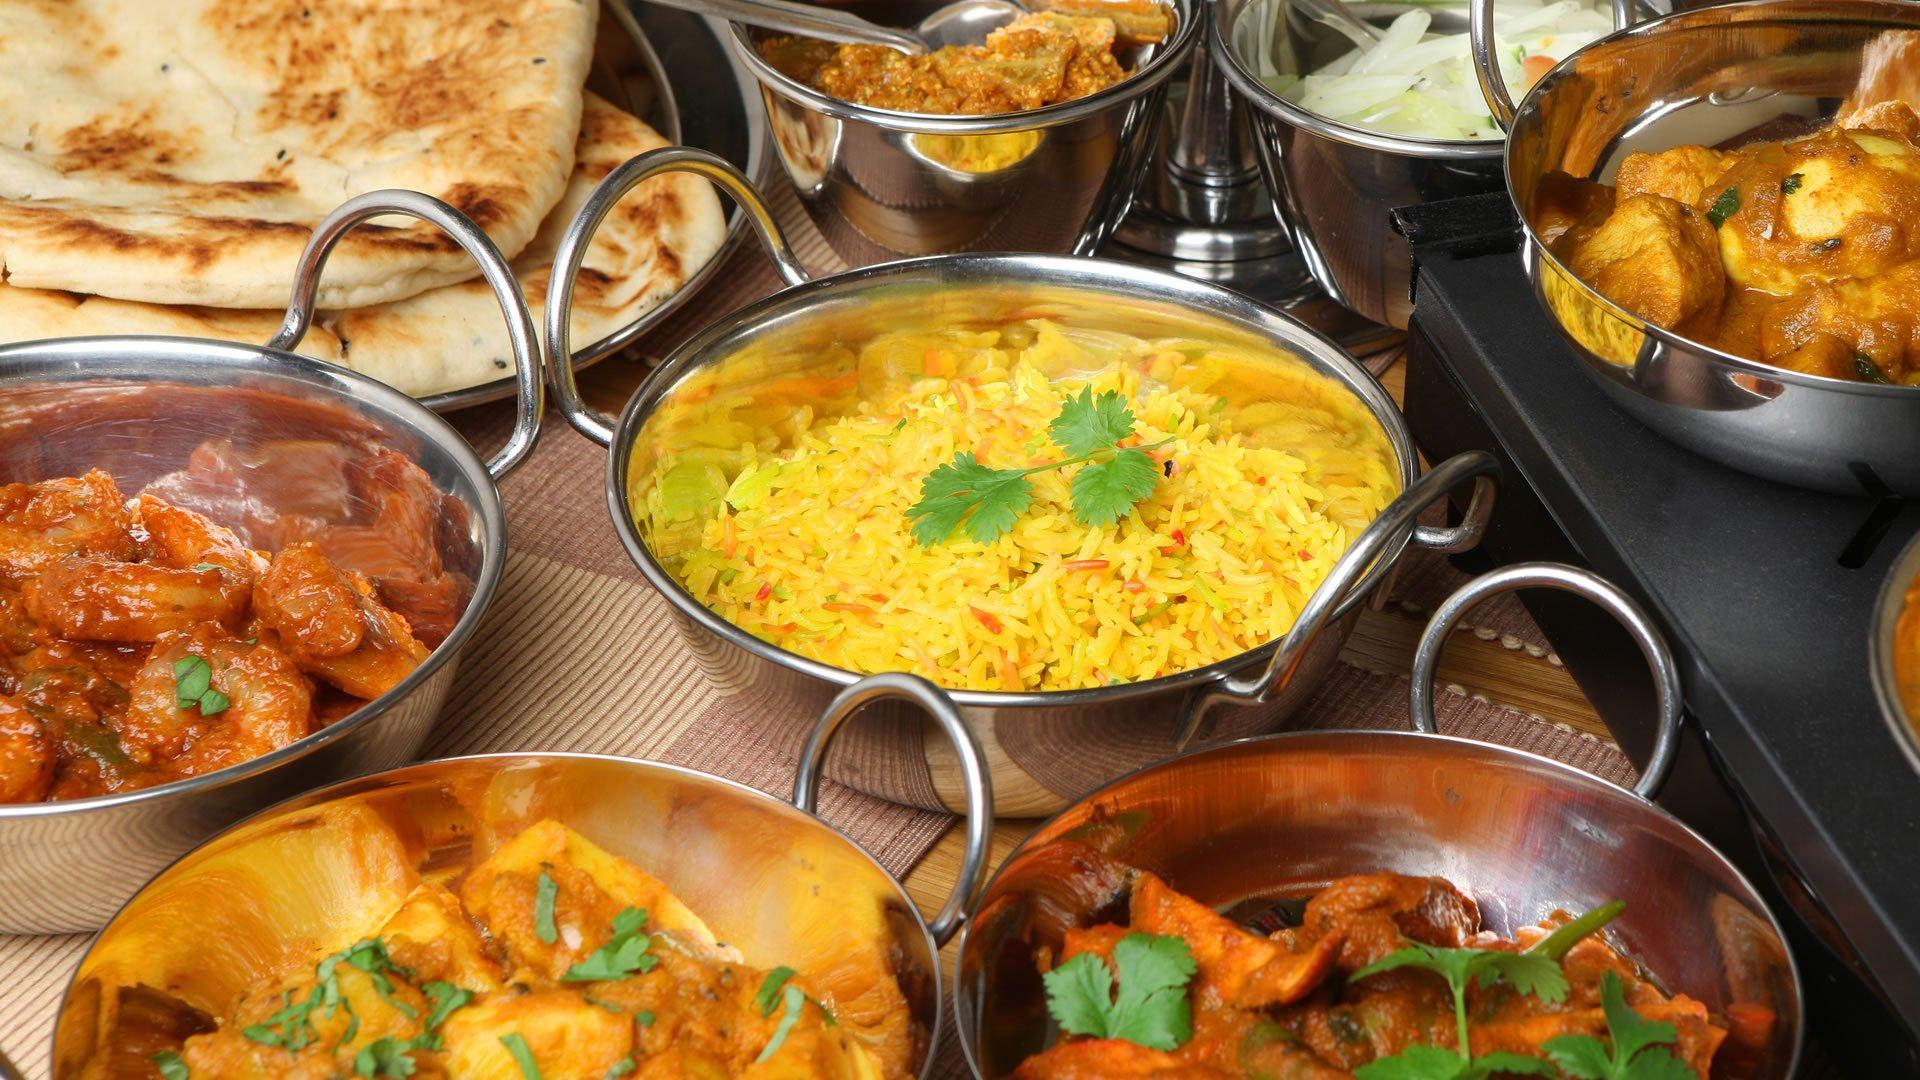 Comida india Cuisines of india